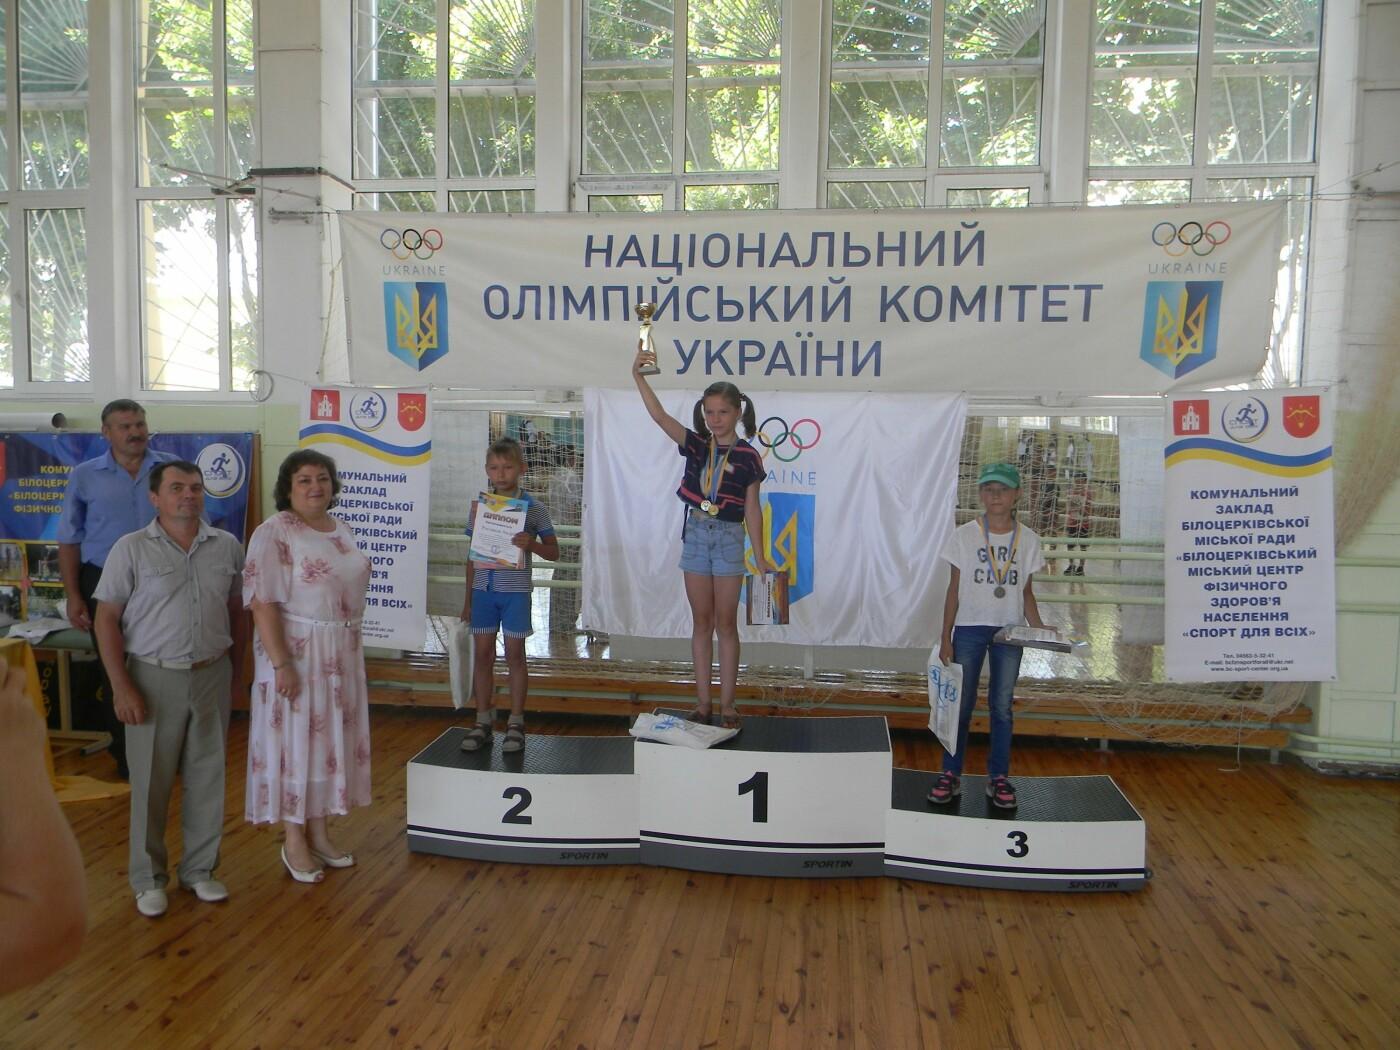 У Білій Церкві відбулось нагородження переможців конкурсу «Загальнолюдські та олімпійські цінності», фото-4